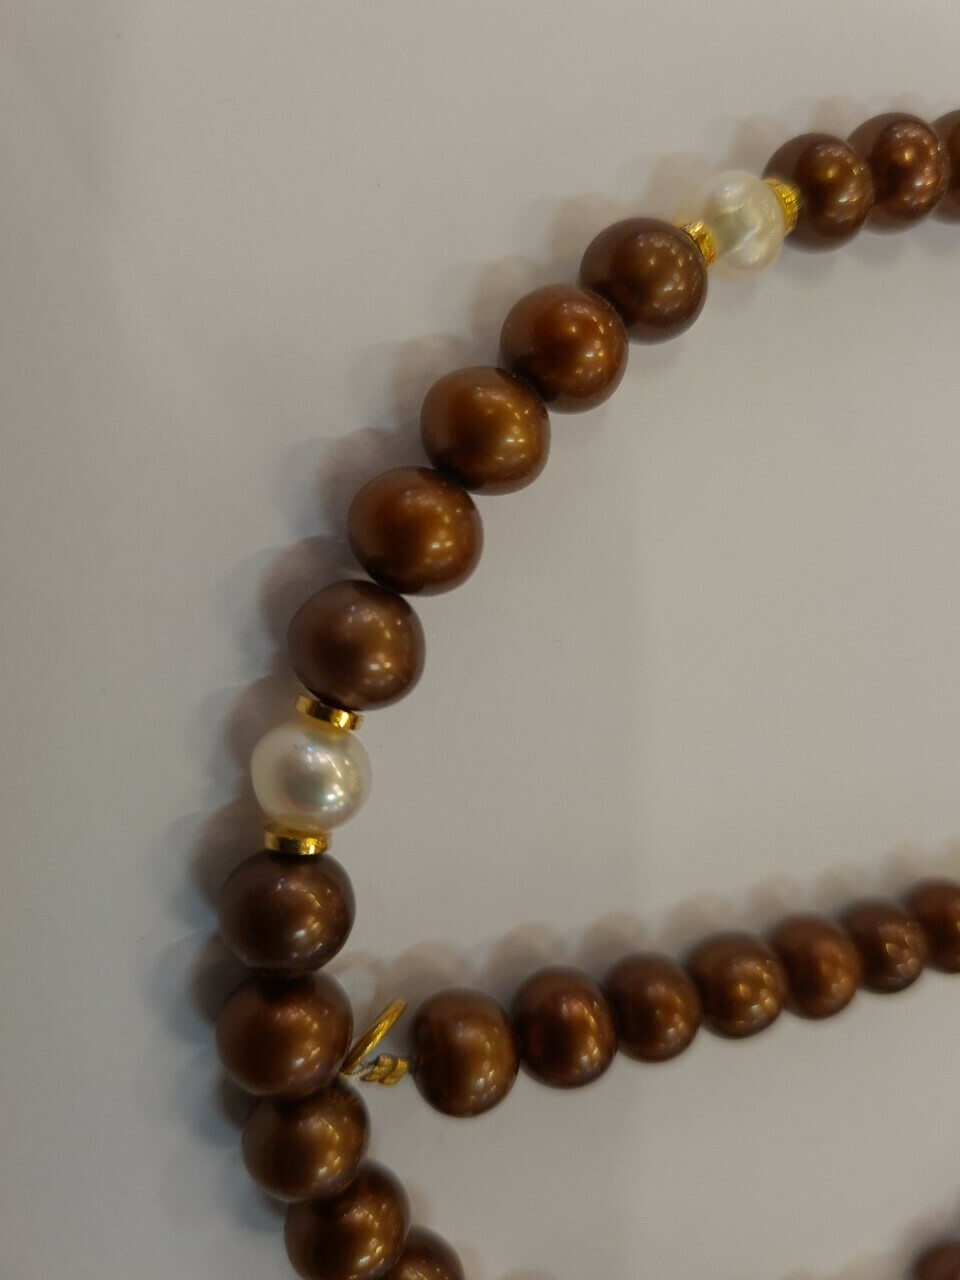 Collier tour de cou 45 cm . Perles d'eau douce et intercalaires dorés